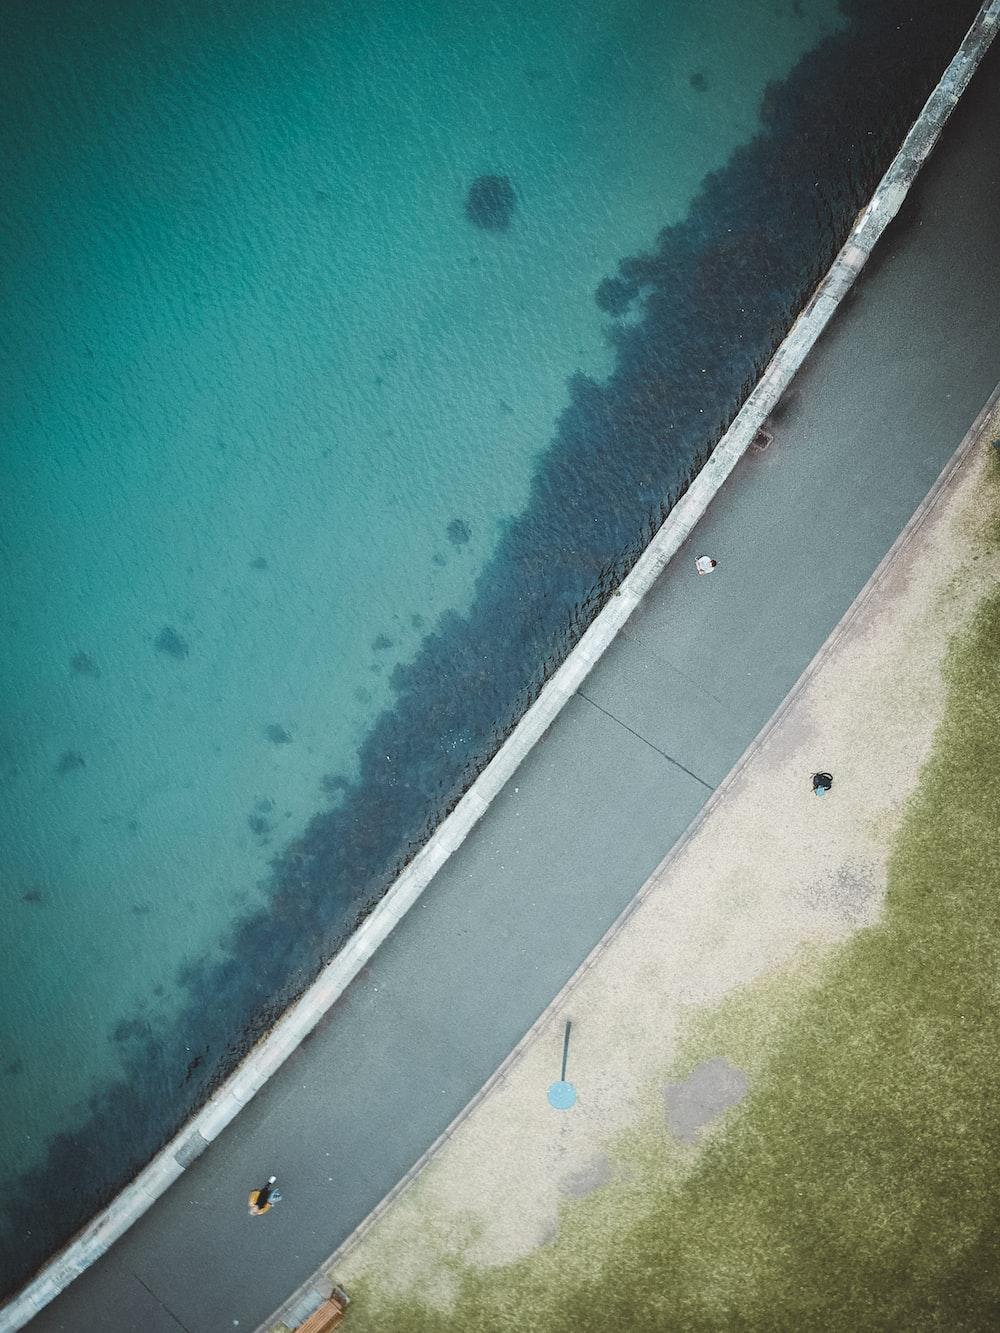 aerial view of asphalt road beside body of water